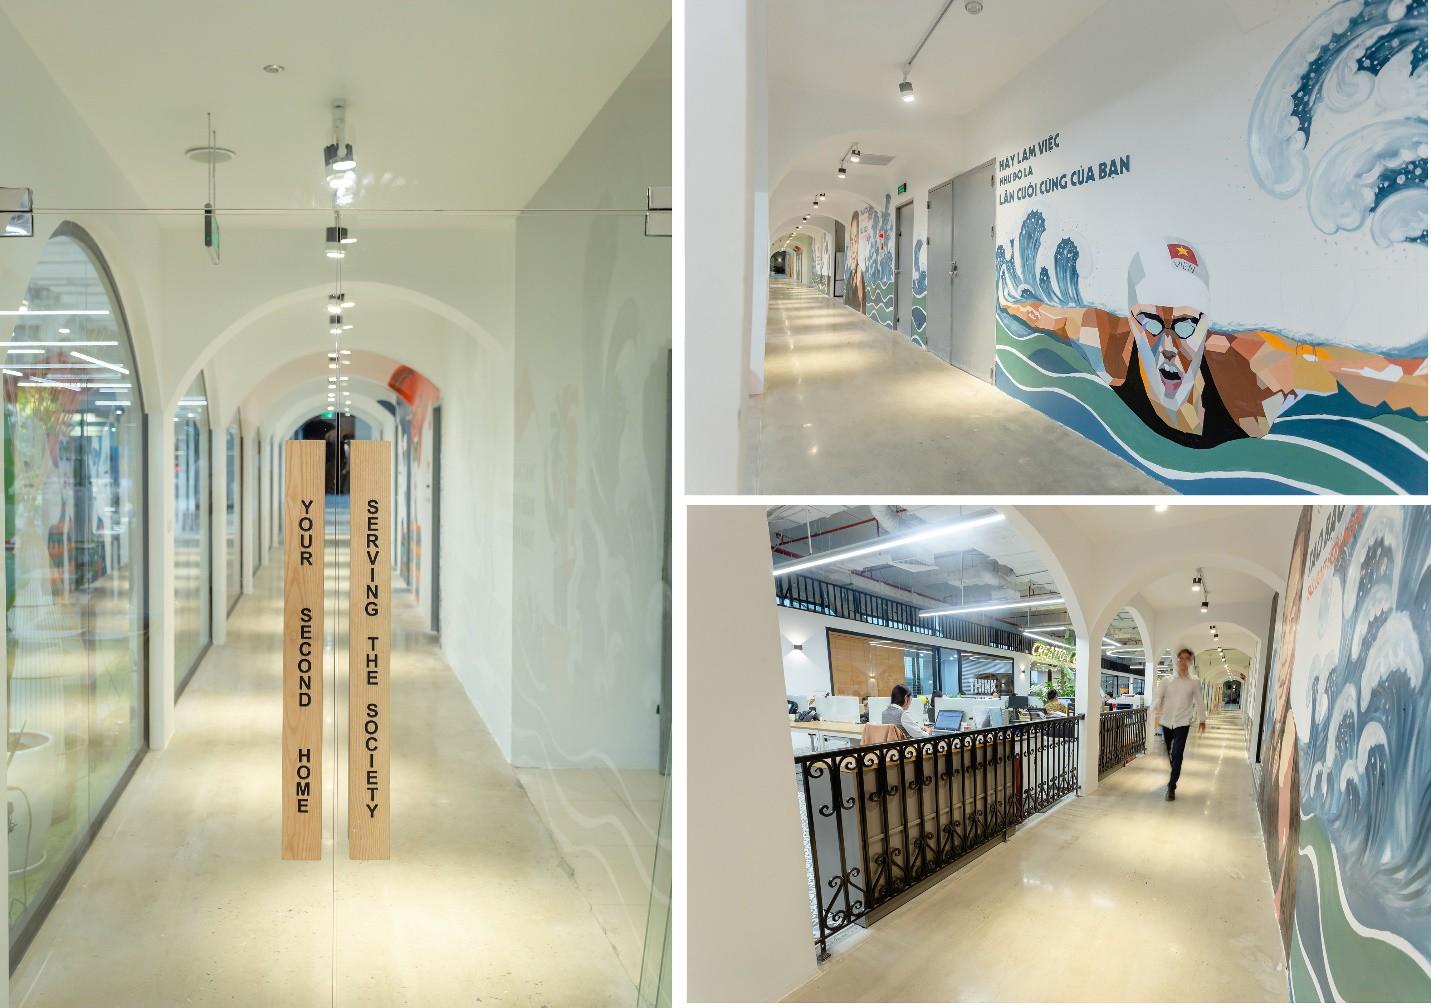 Apec Young & Joy Office – Nơi làm việc trong mơ của nhân viên văn phòng - Ảnh 9.